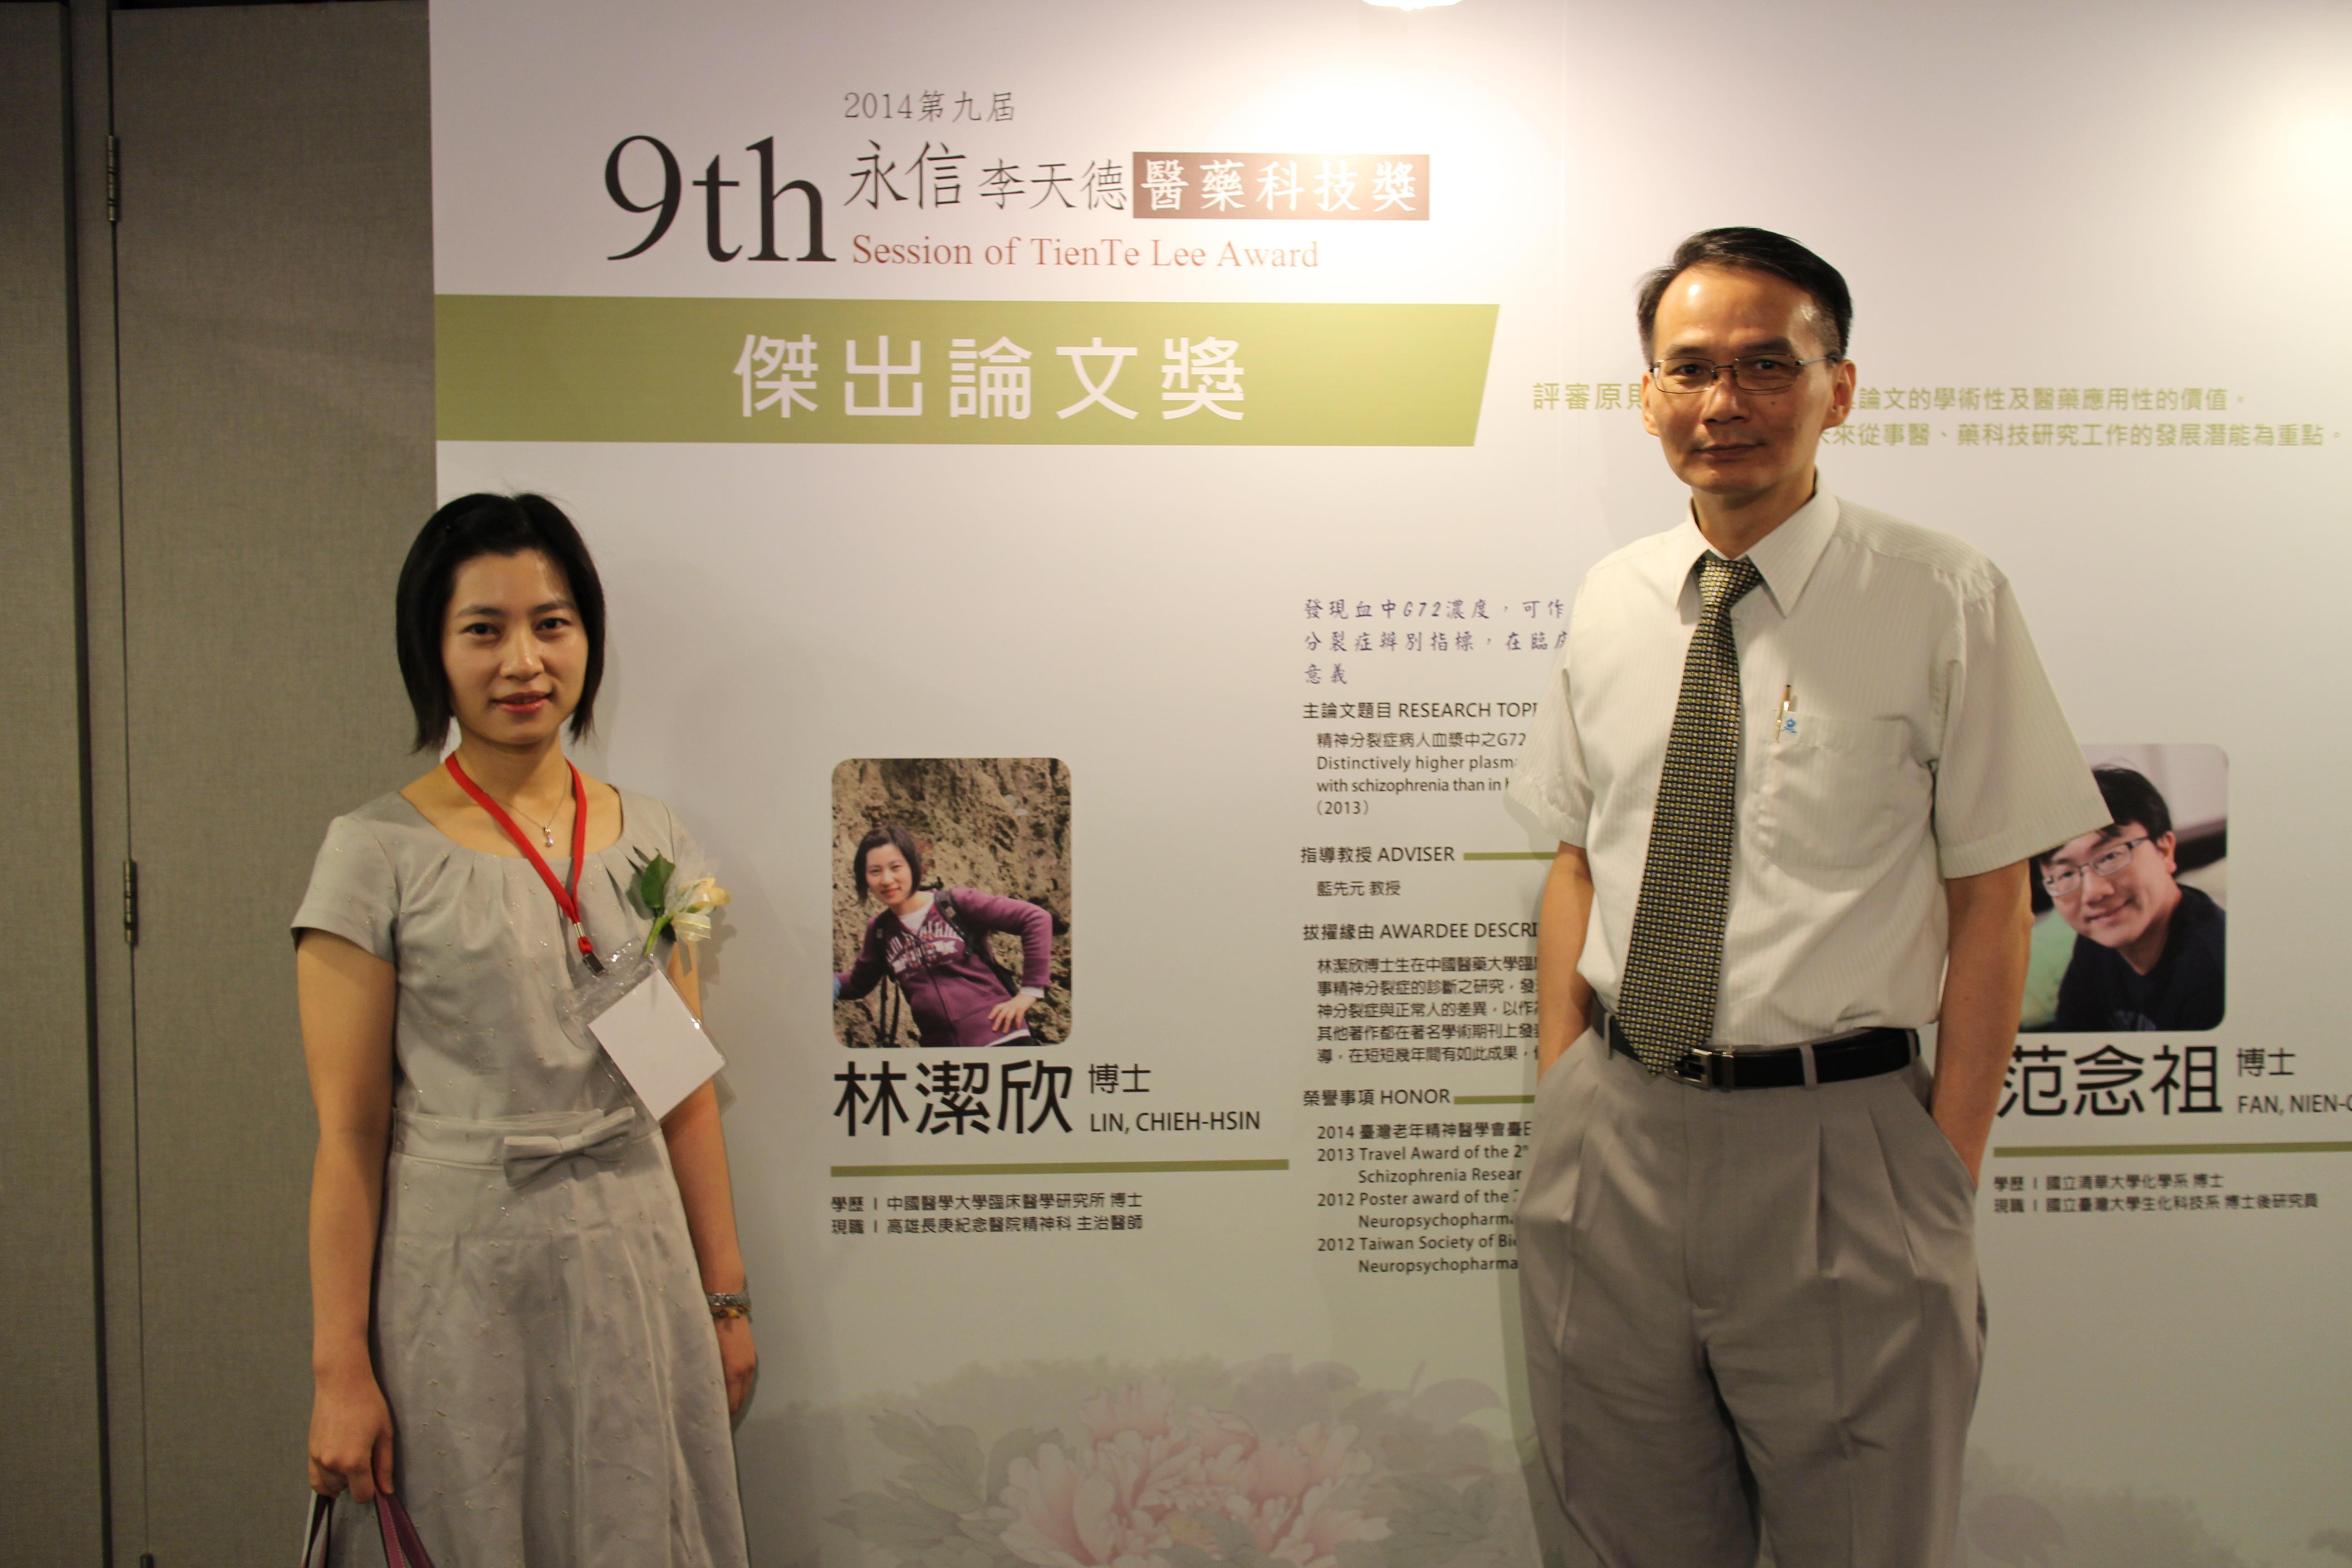 林潔欣醫師榮獲第九屆永信李天德醫藥科技獎,與指導教授藍先元教授合影